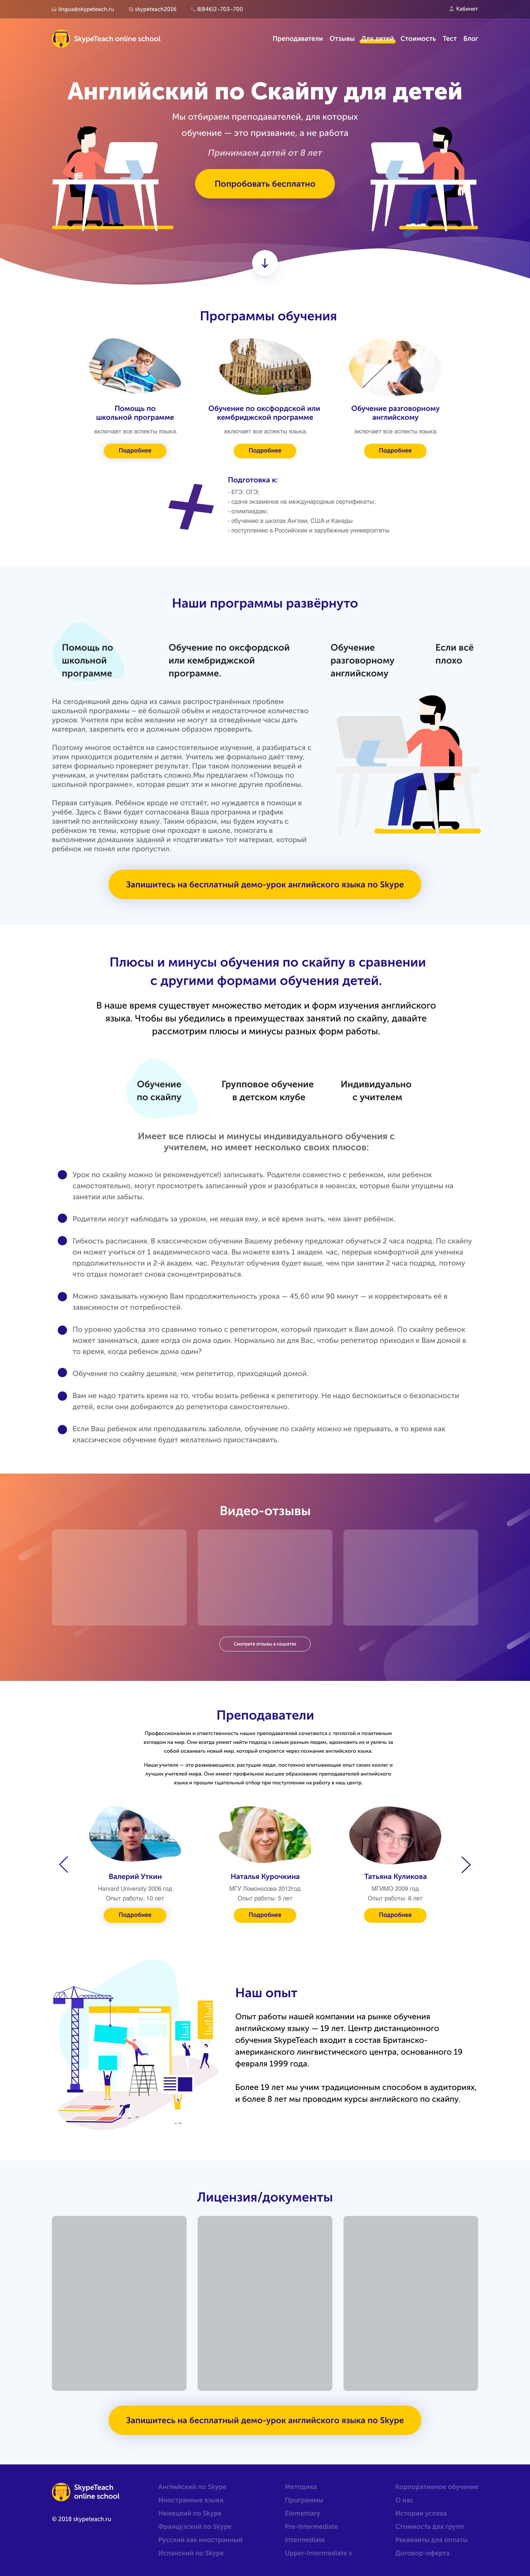 Обучение, верстка и шаблон для Joomla 3.x